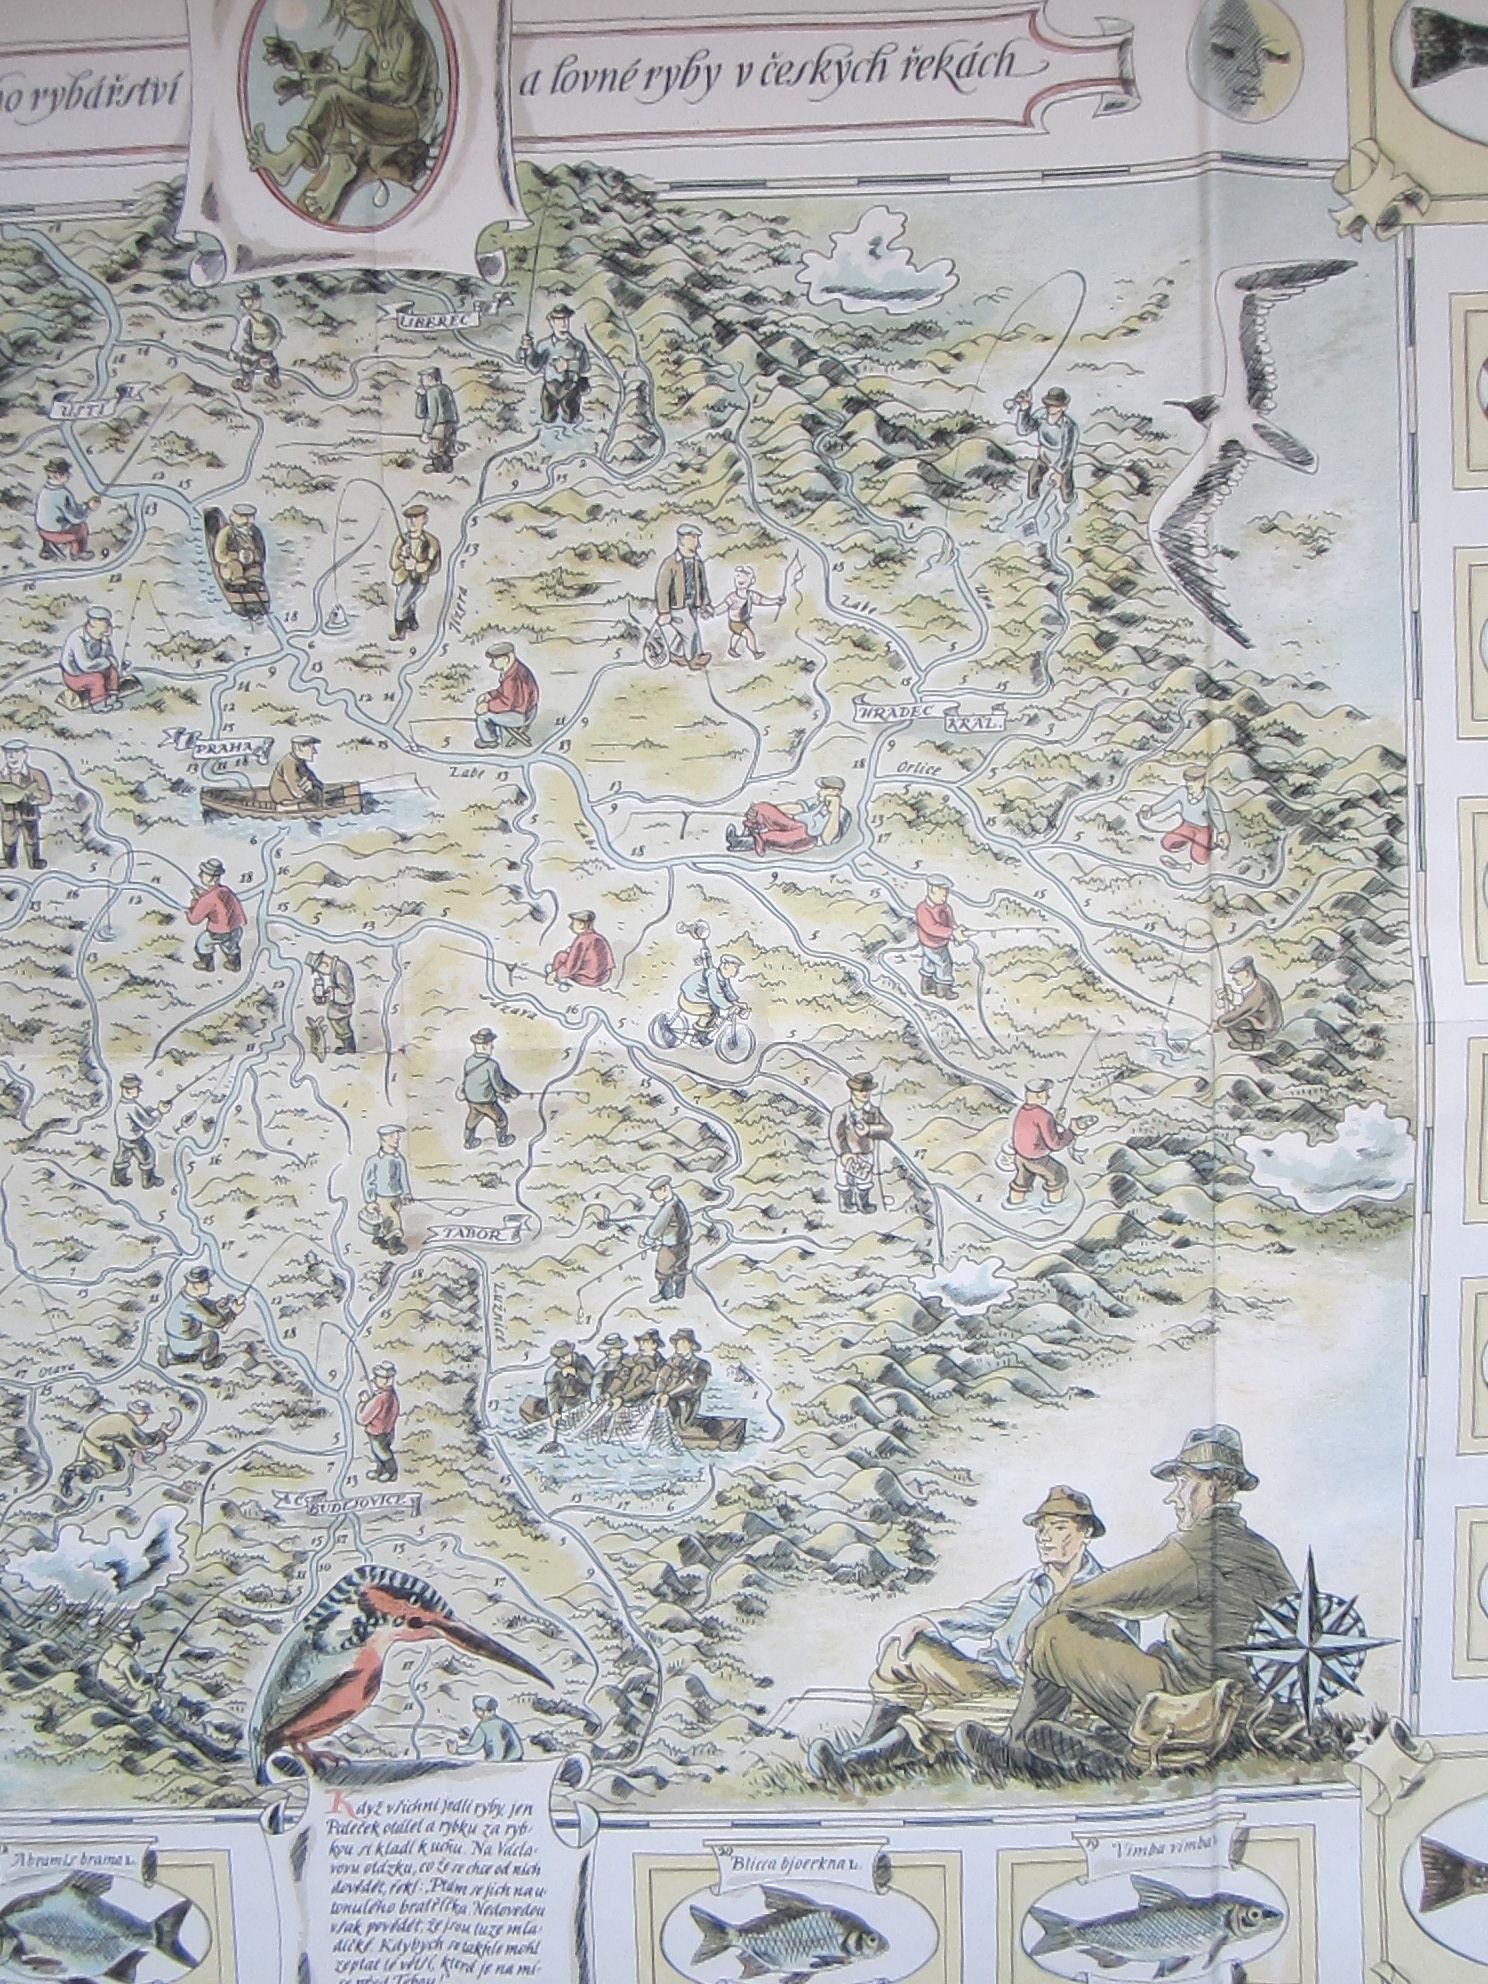 Mapa sportovního rybářství a lovné ryby v českých řekách (The map of sport fishing and game fish in Czech rivers.) (photo 6)